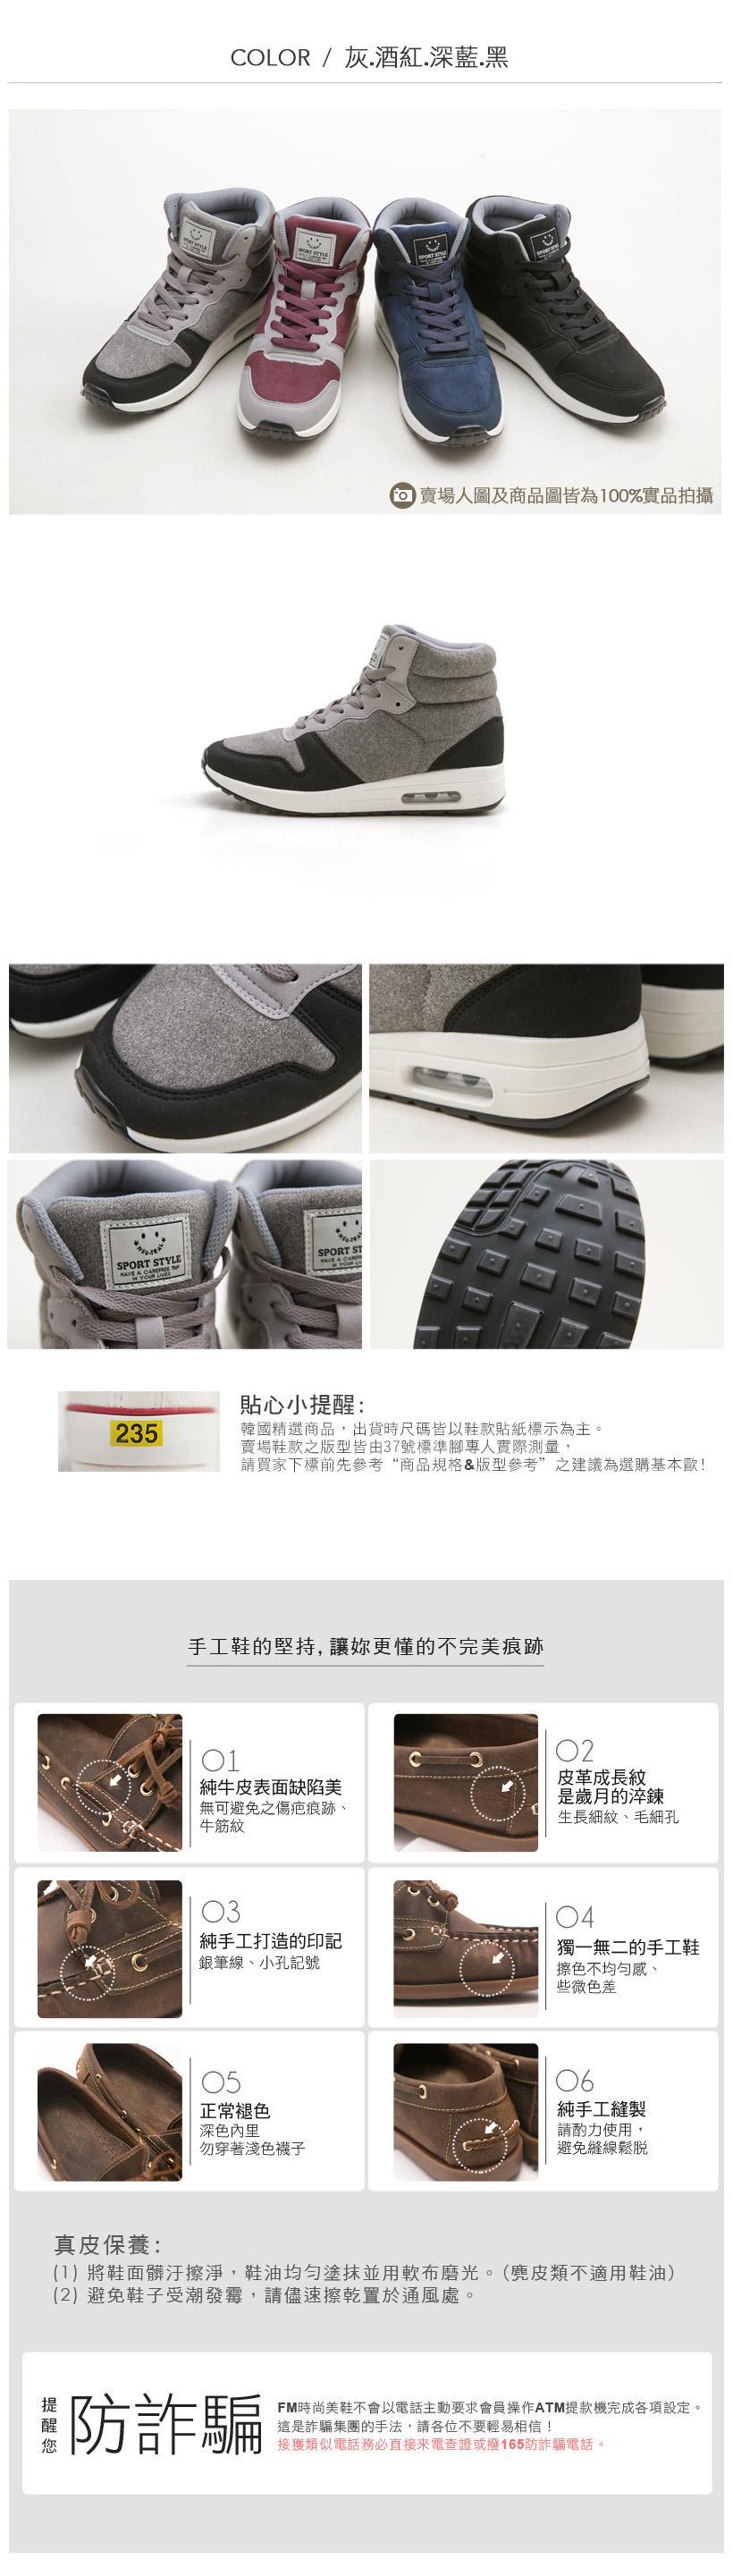 NeuTral-防潑水撞色內增高氣墊鞋(灰)-大尺碼